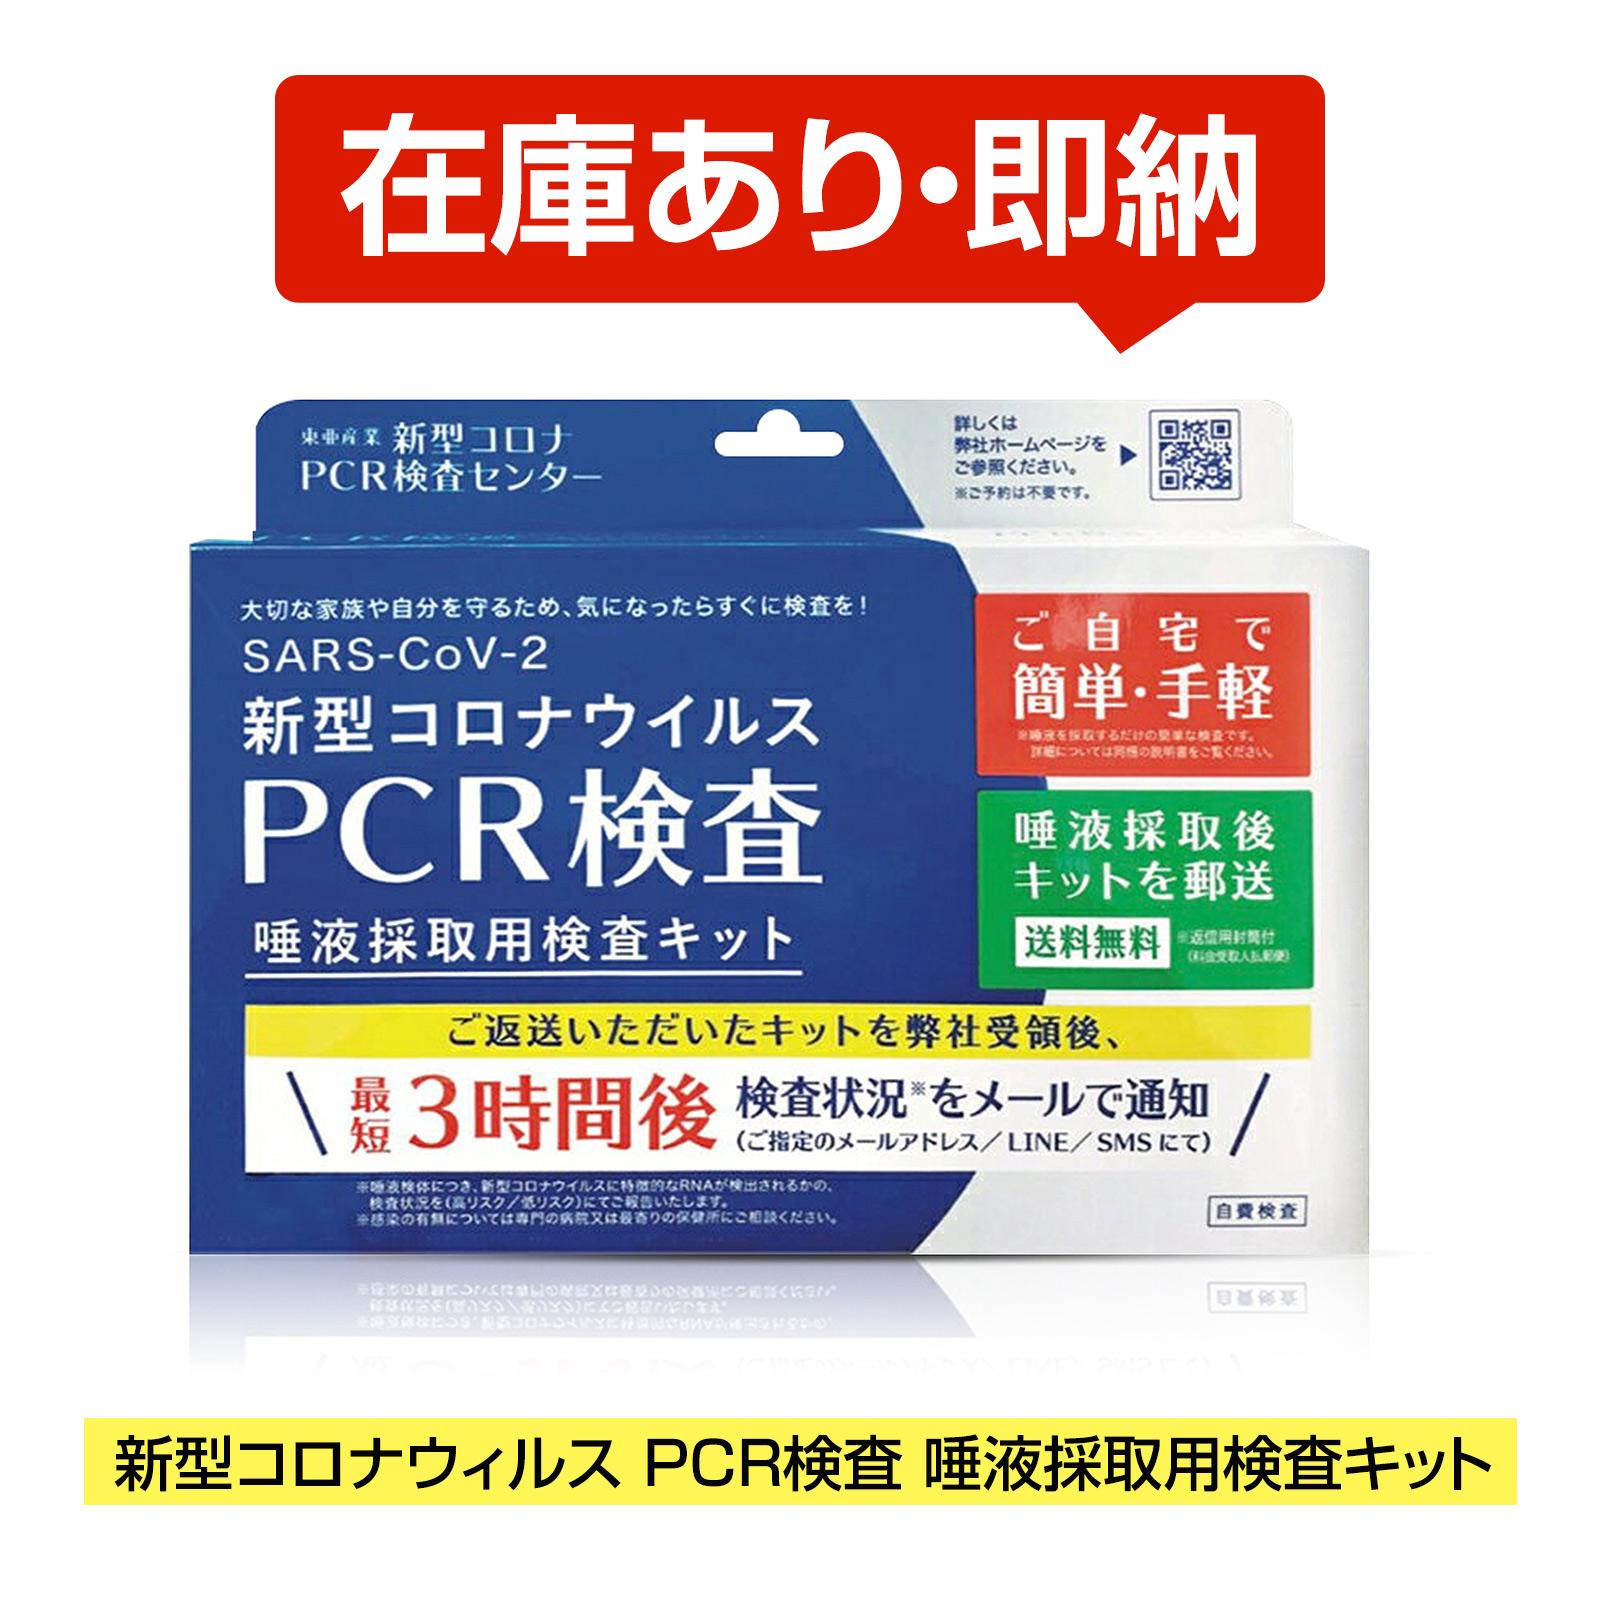 ★在庫あり・即納★【自宅でPCR検査】コロナウイルス検査キット PCR検査キット